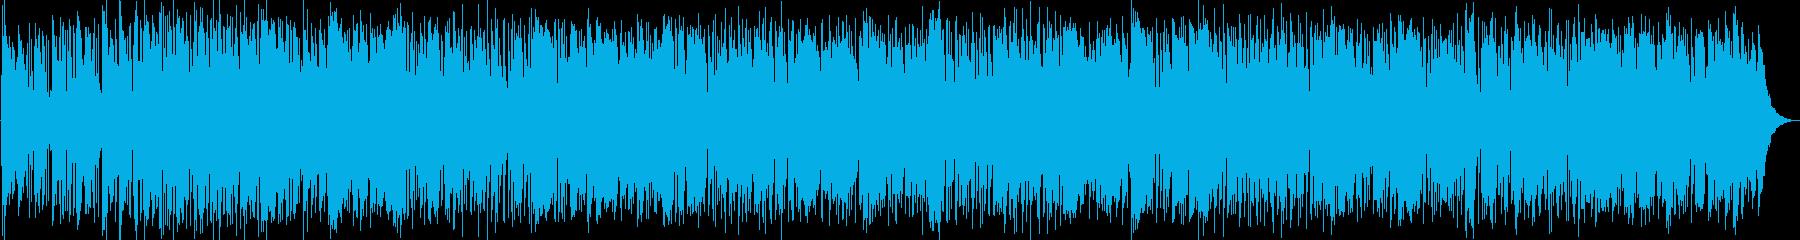 恋愛の情景にあうエレピ、クールジャズの再生済みの波形